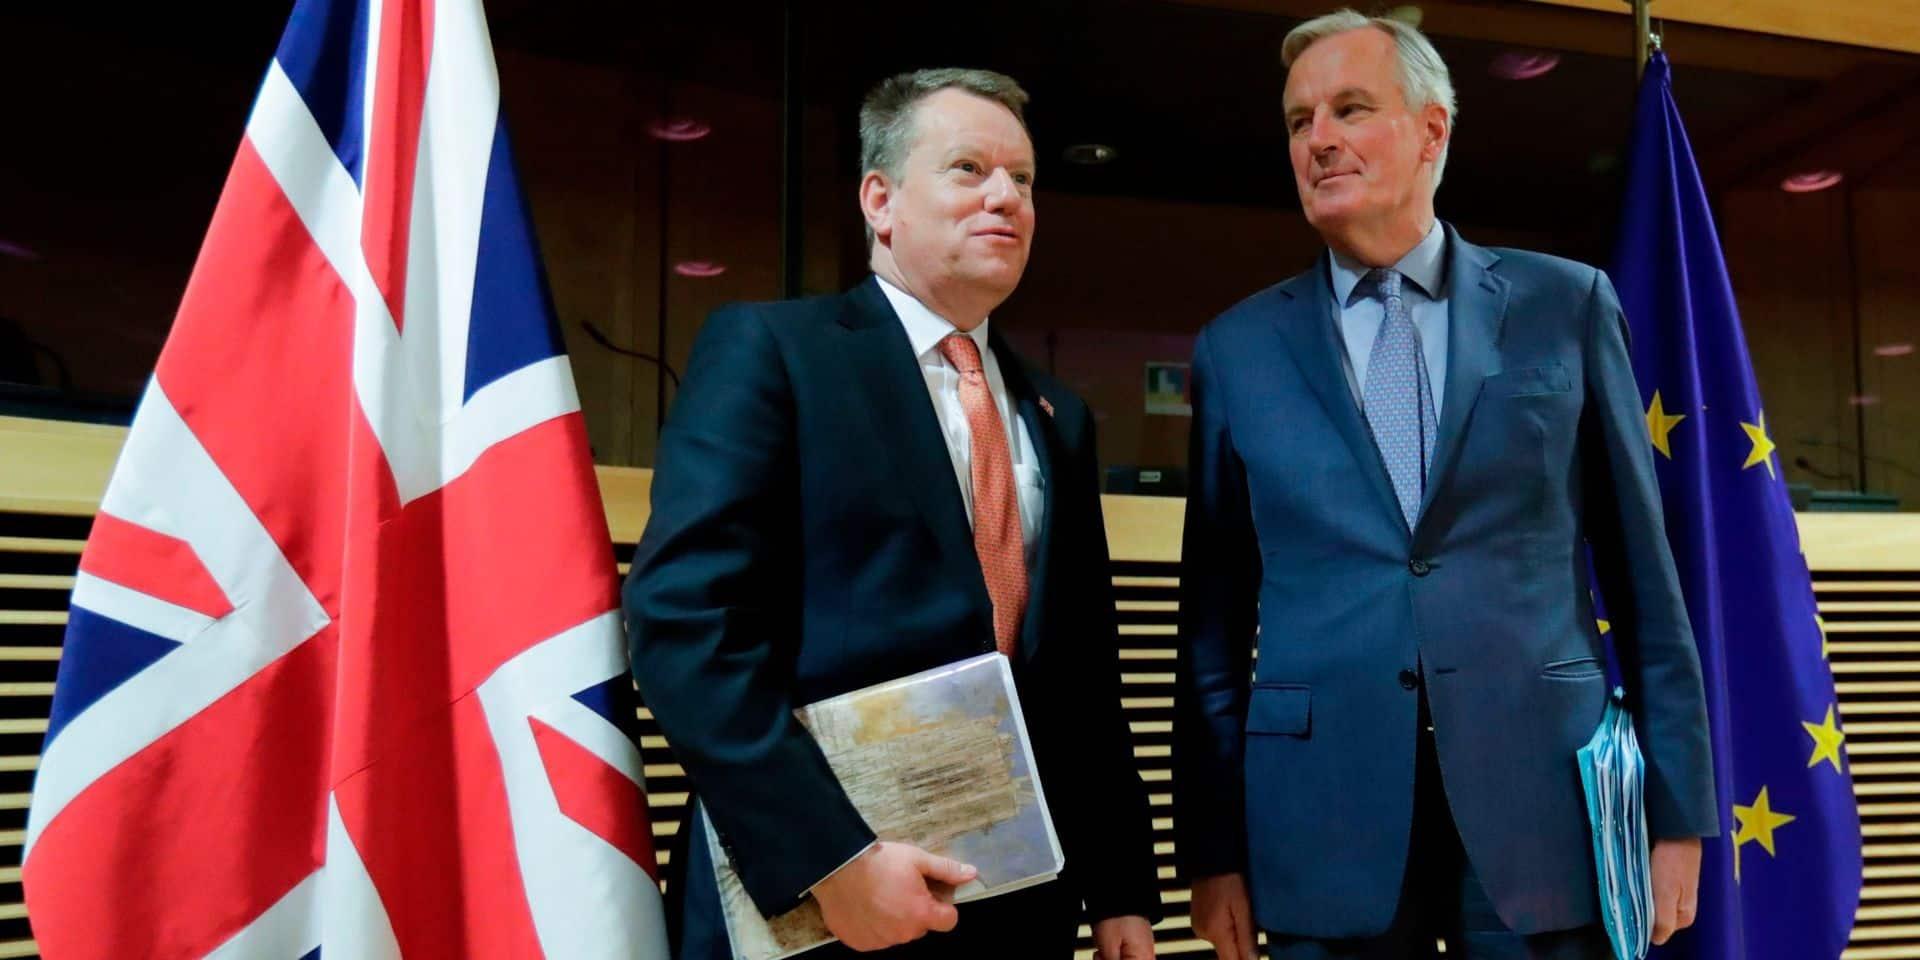 Les négociations post-Brexit également impactées par le coronavirus